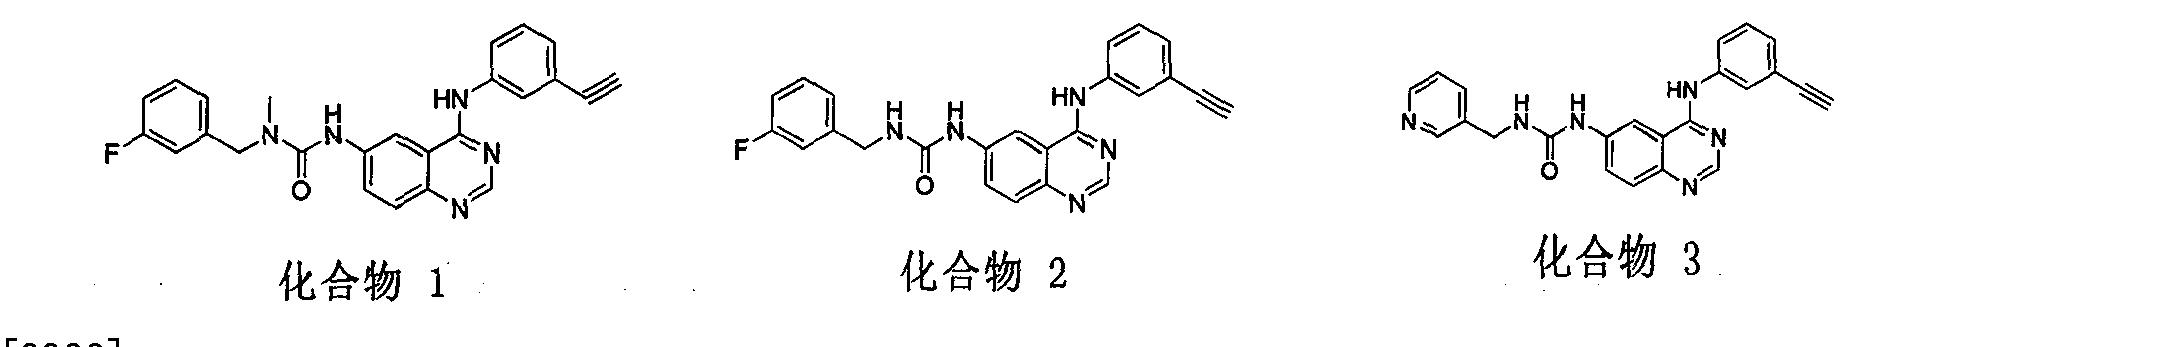 Figure CN101619043BD00131